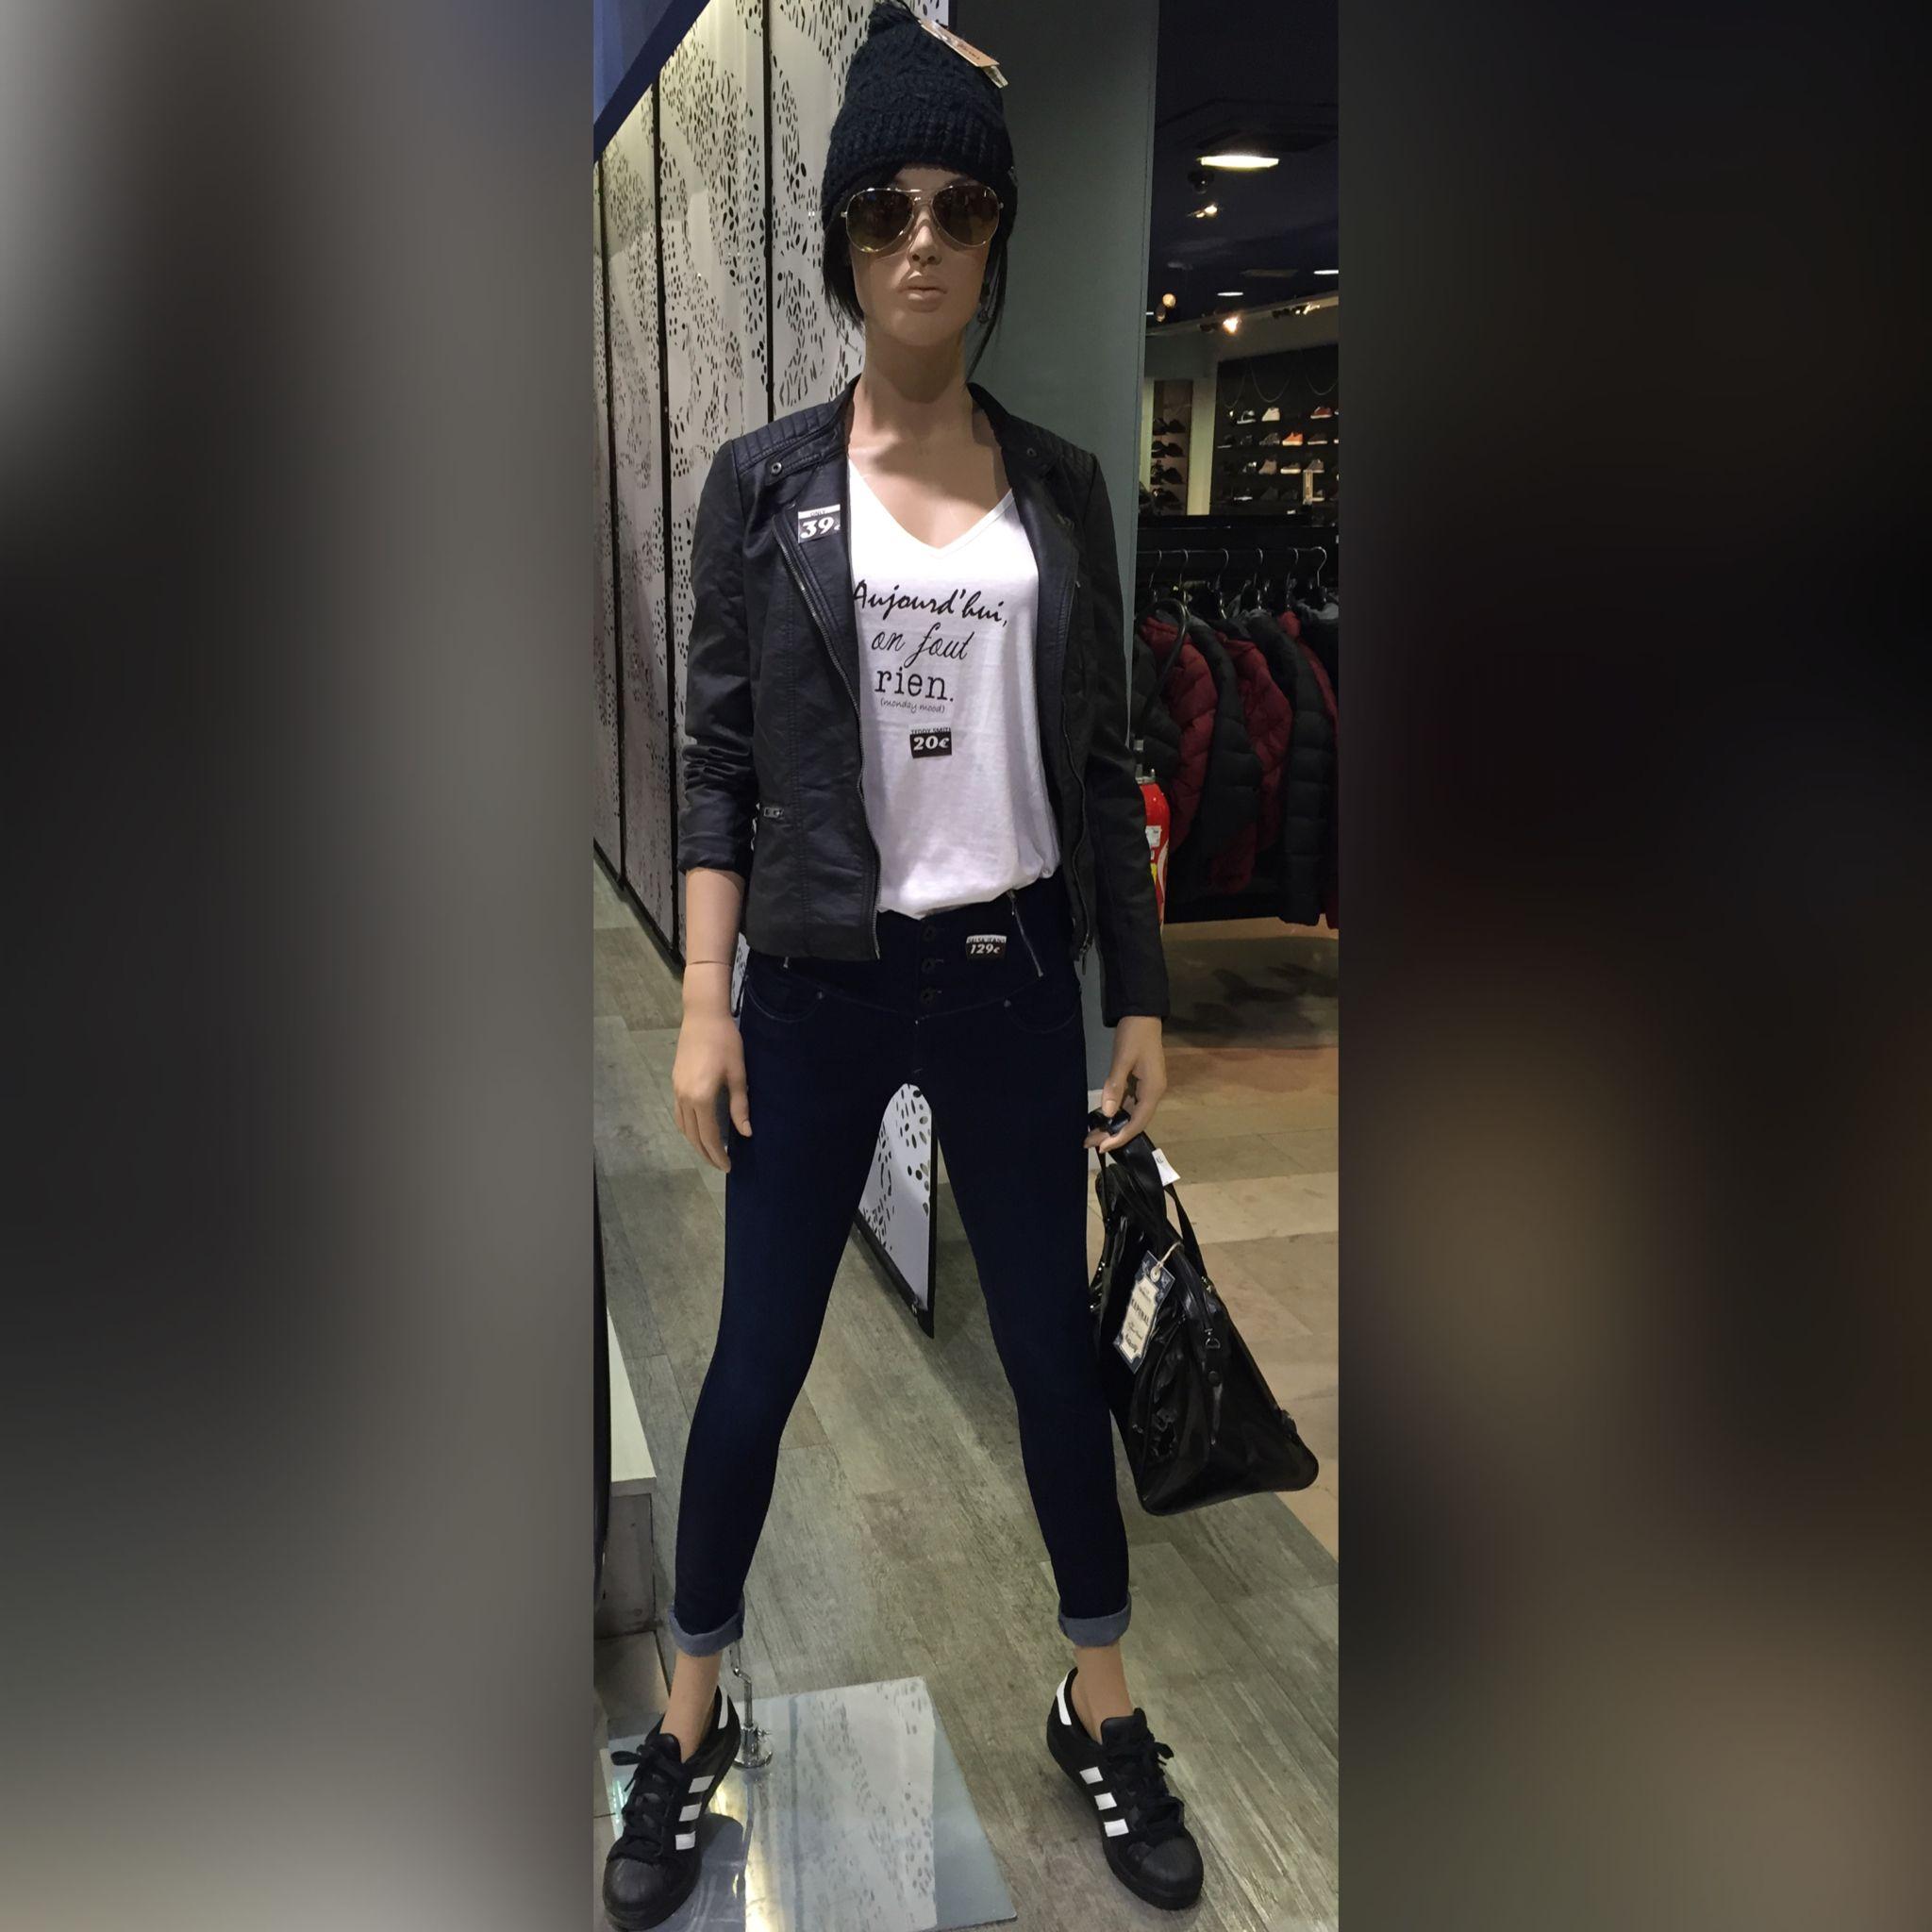 Épinglé sur La mode Femme